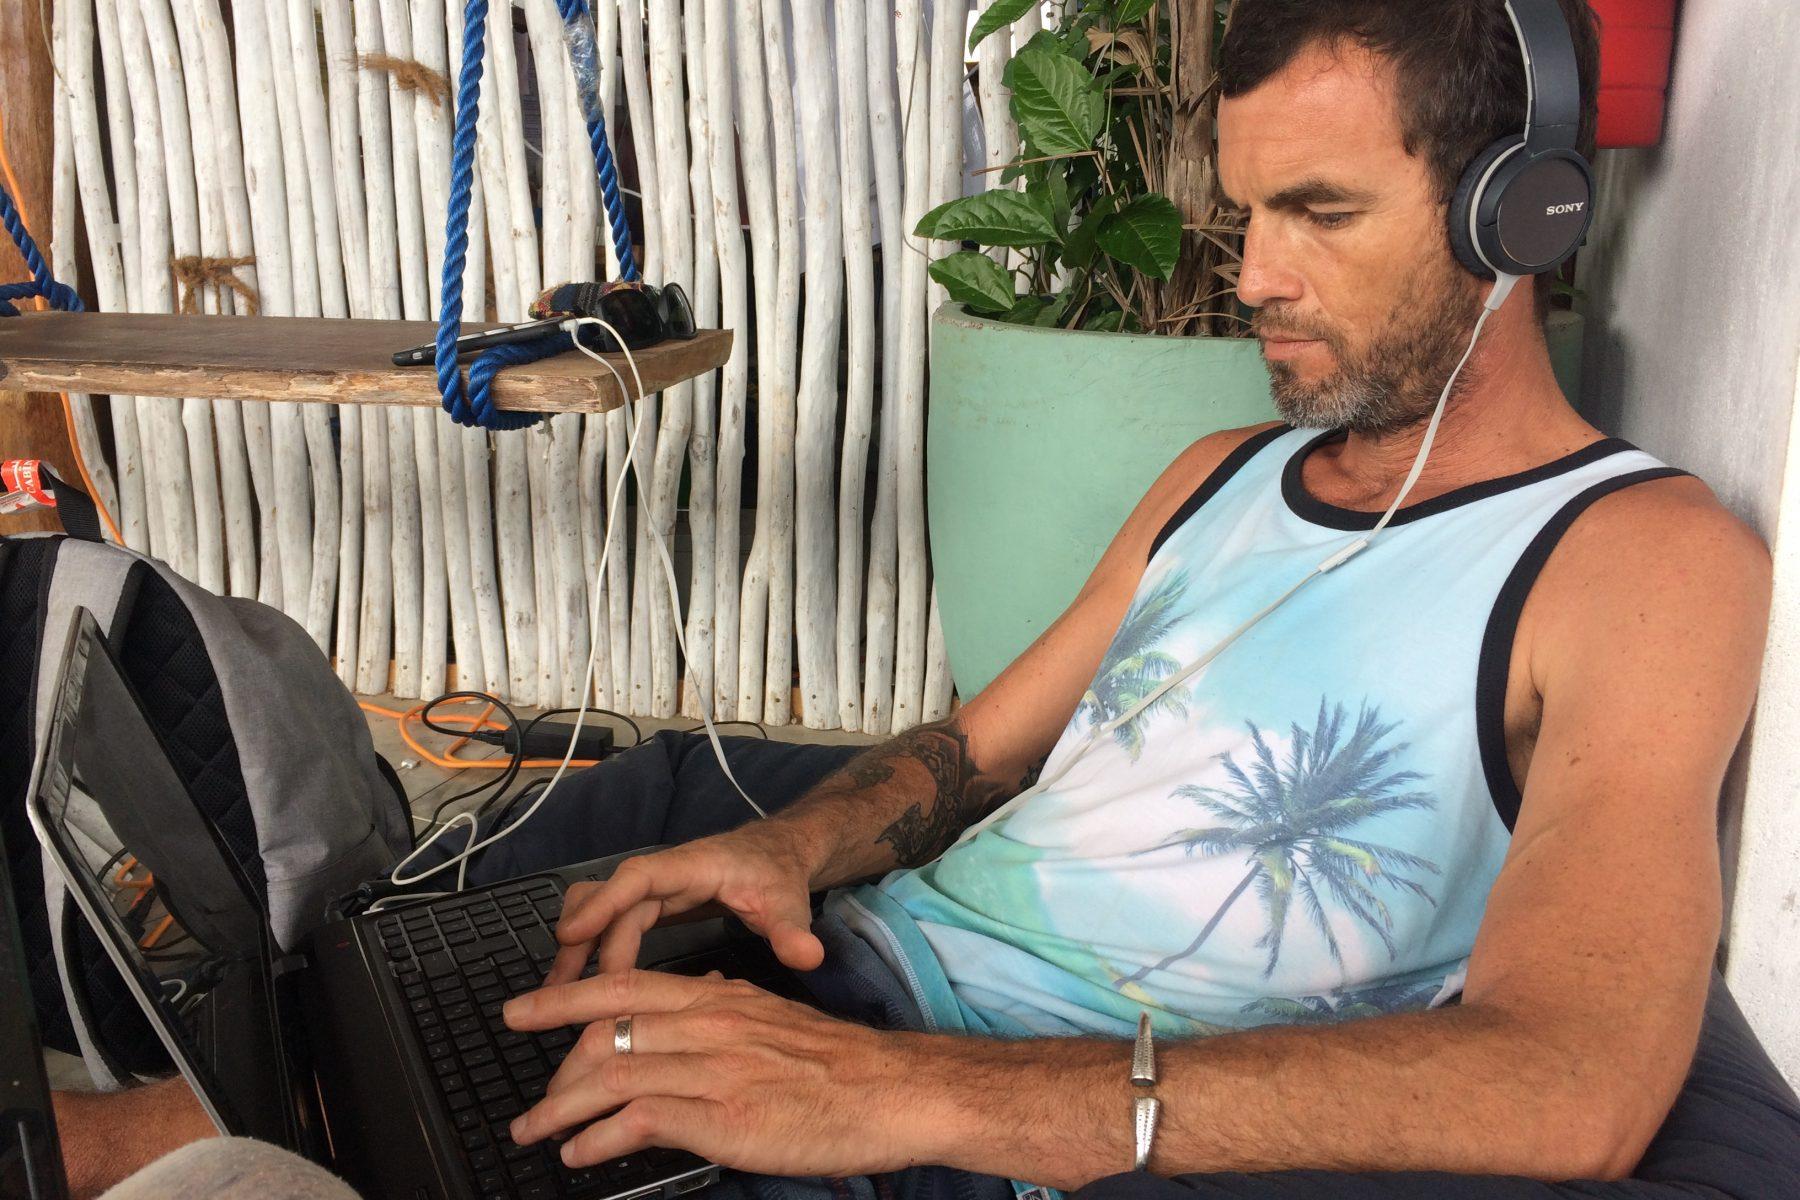 Digital nomad Weligama